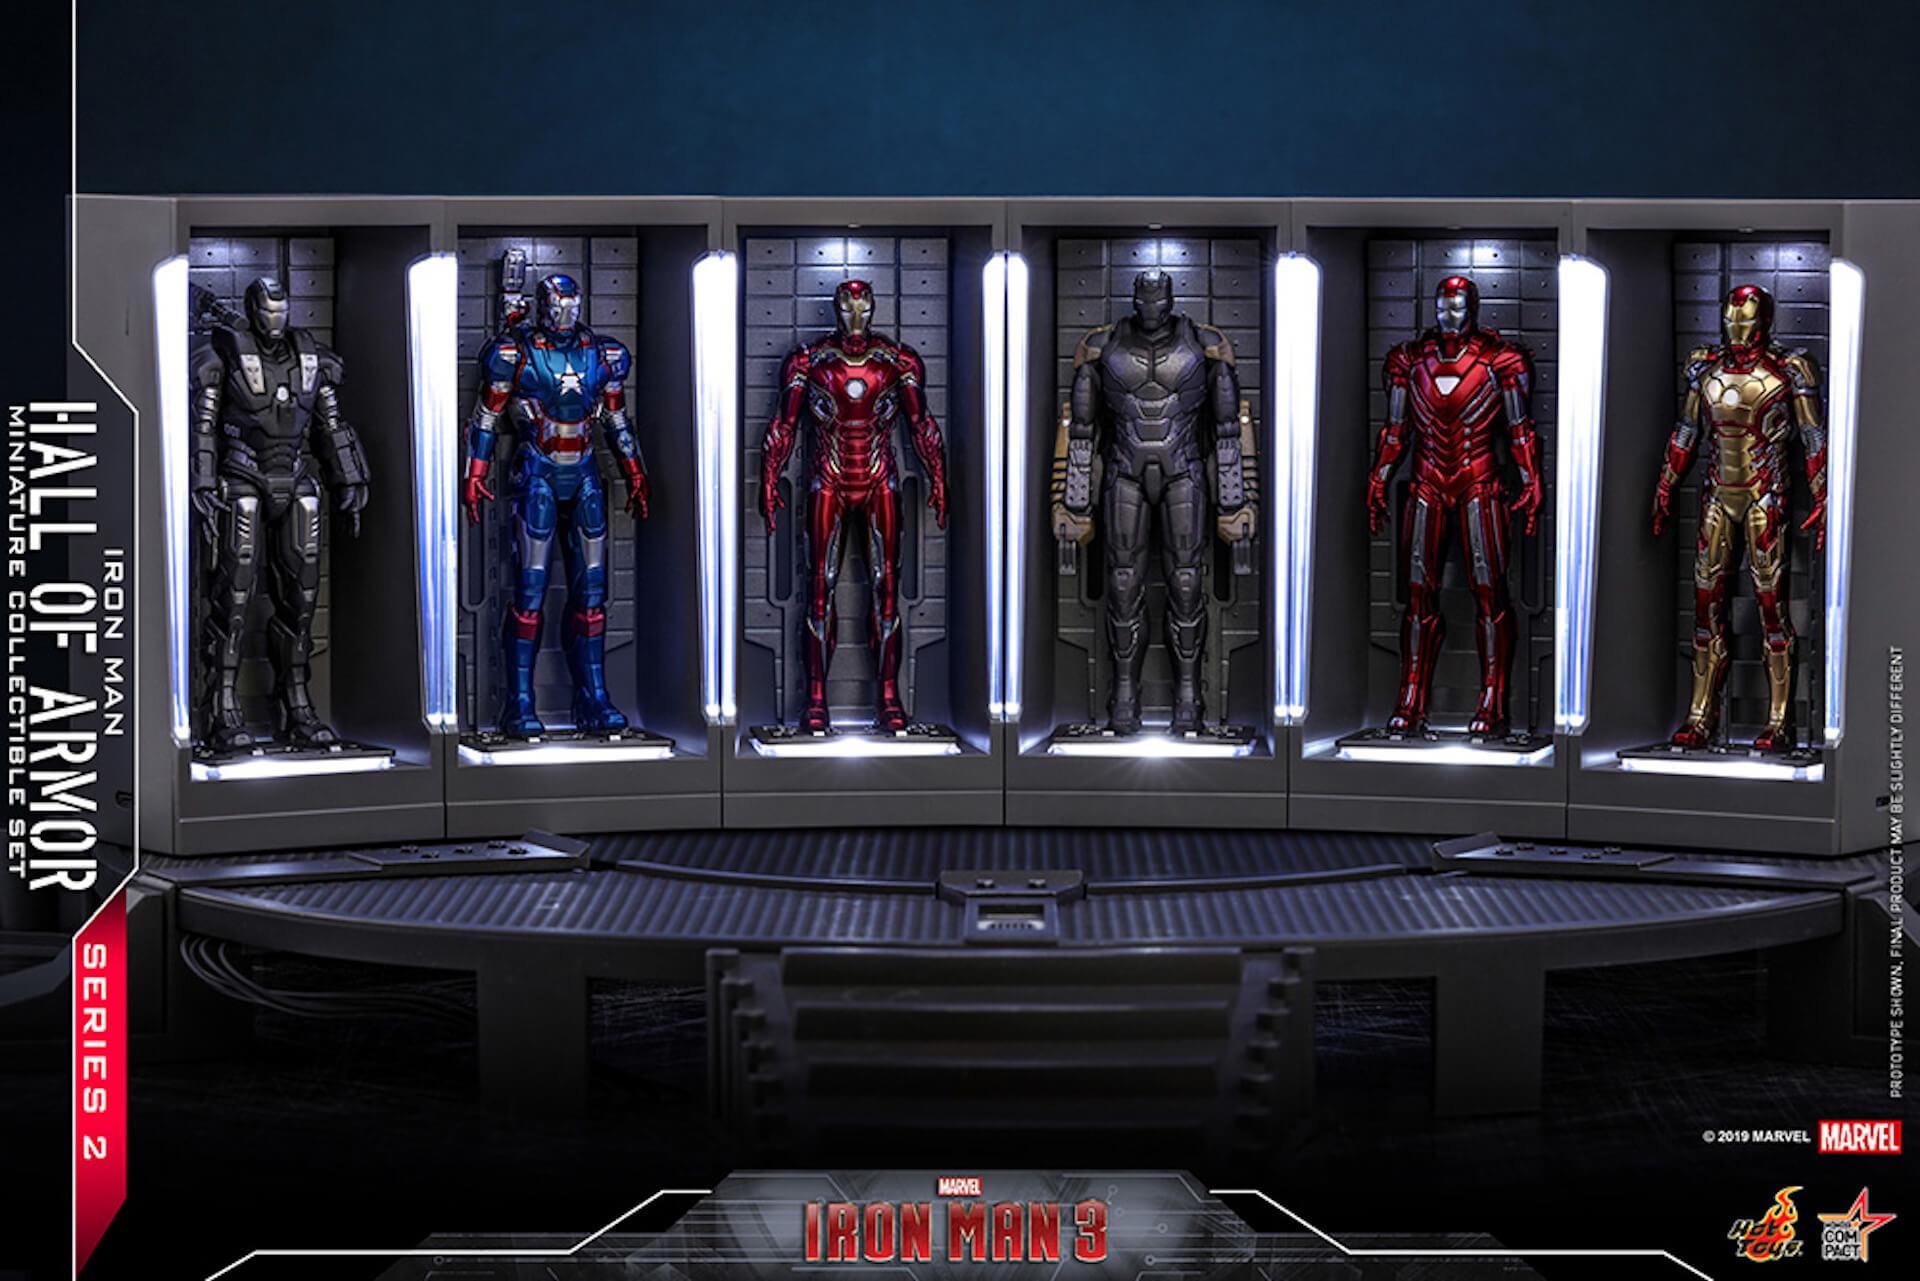 『アイアンマン3』に登場するアーマーが手のひらサイズに!ホットトイズからアイアンマンのミニチュアシリーズ2がホール・オブ・アーマー付き6体セットで発売! ac200124_hottoys_ironman_01